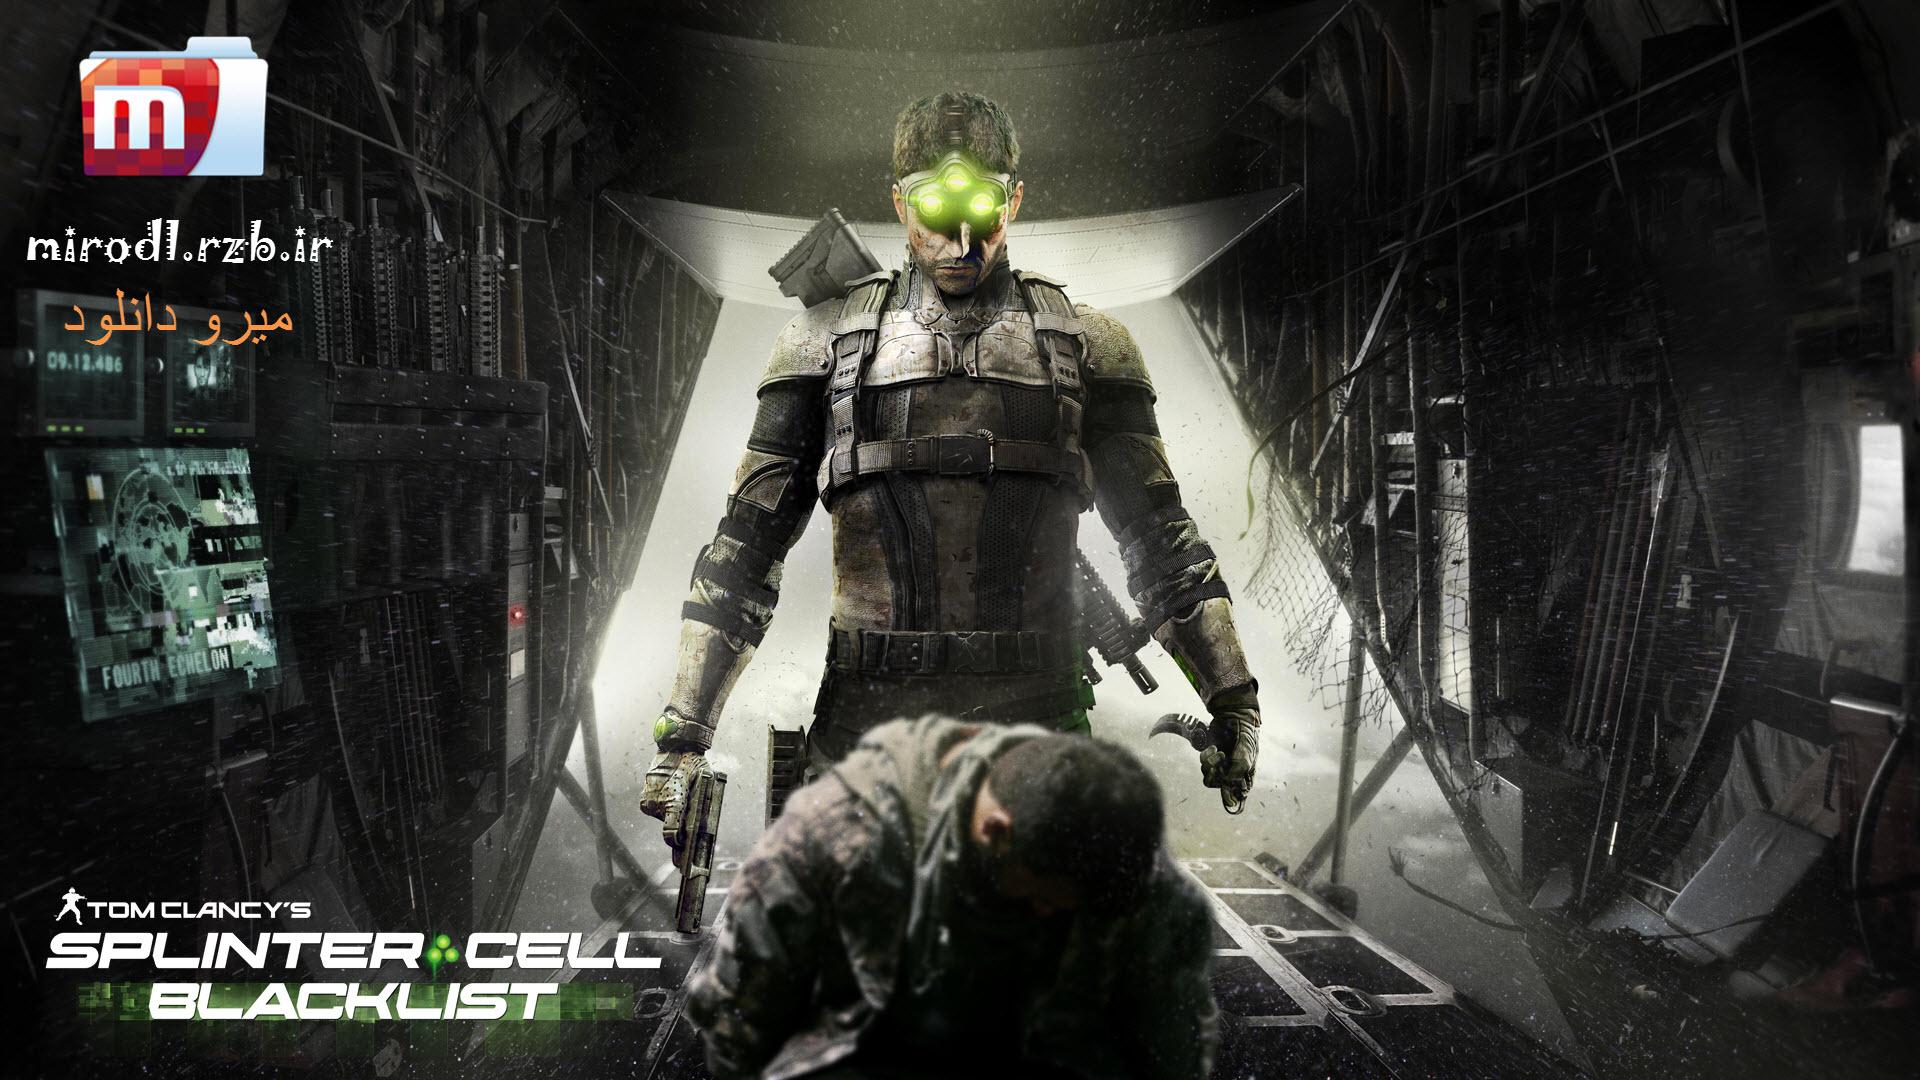 دانلود بازی Splinter Cell Blacklist برای PC با لینک مستقیم + کرک